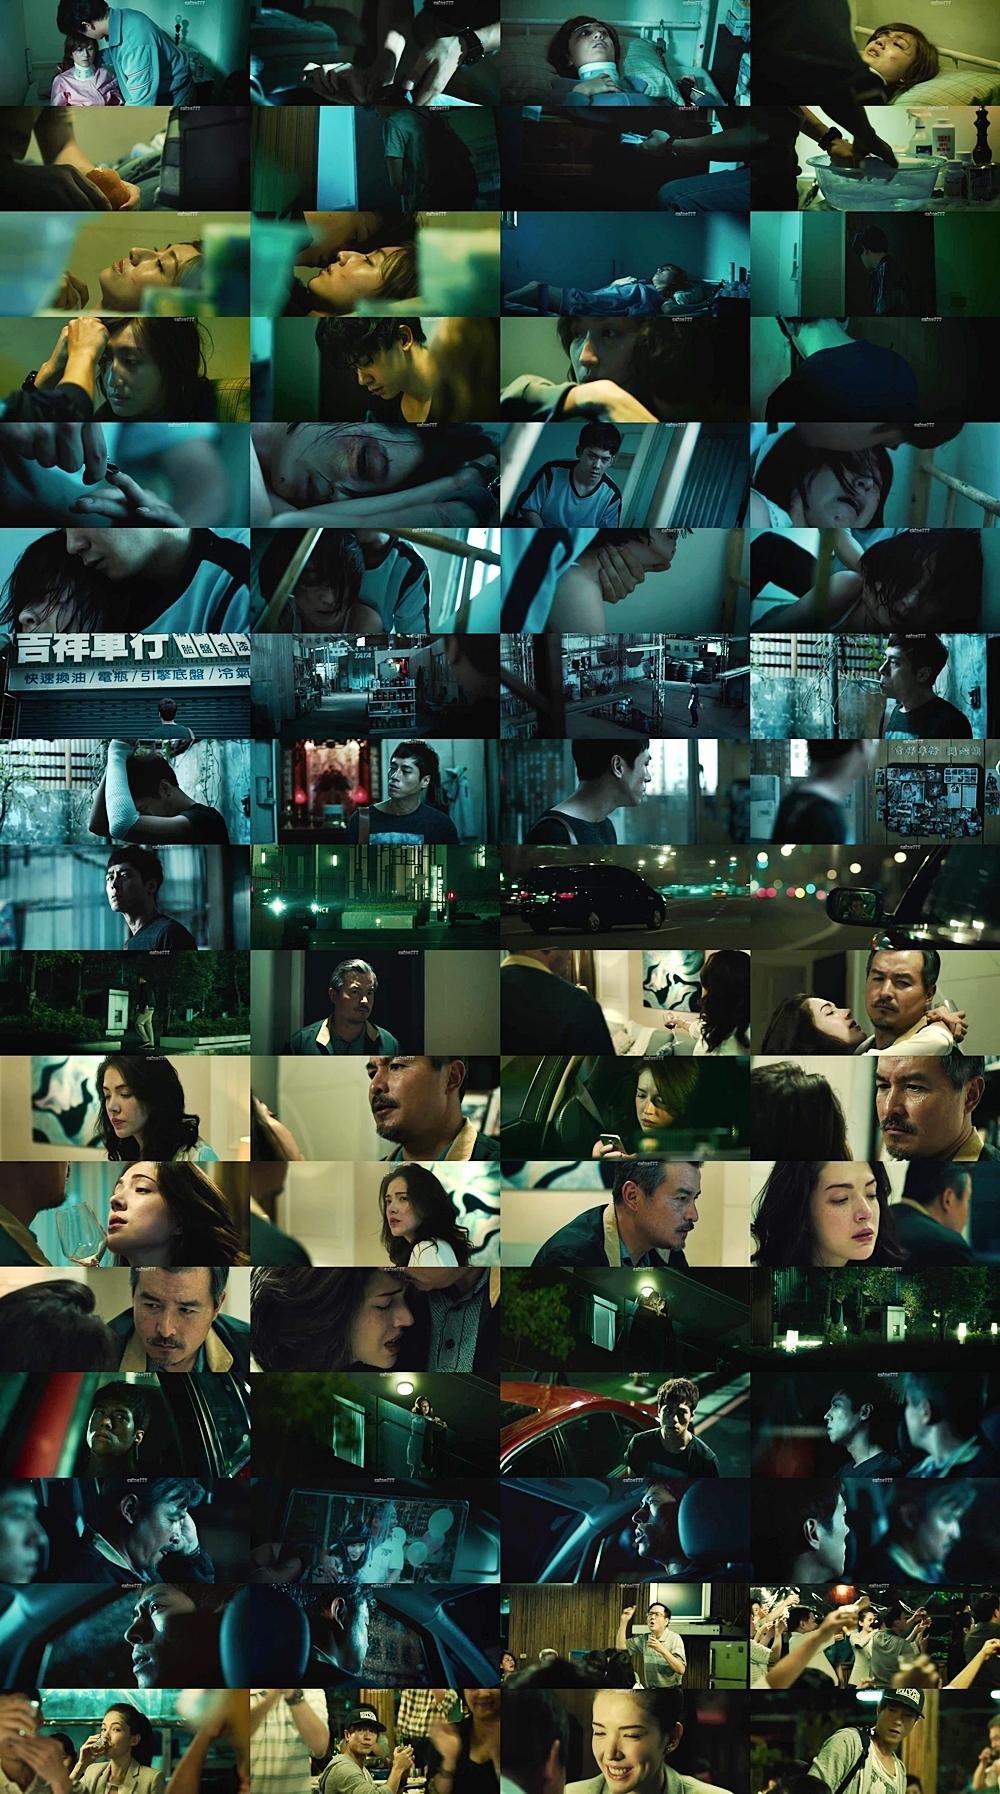 目撃者 闇の中の瞳 (2017)